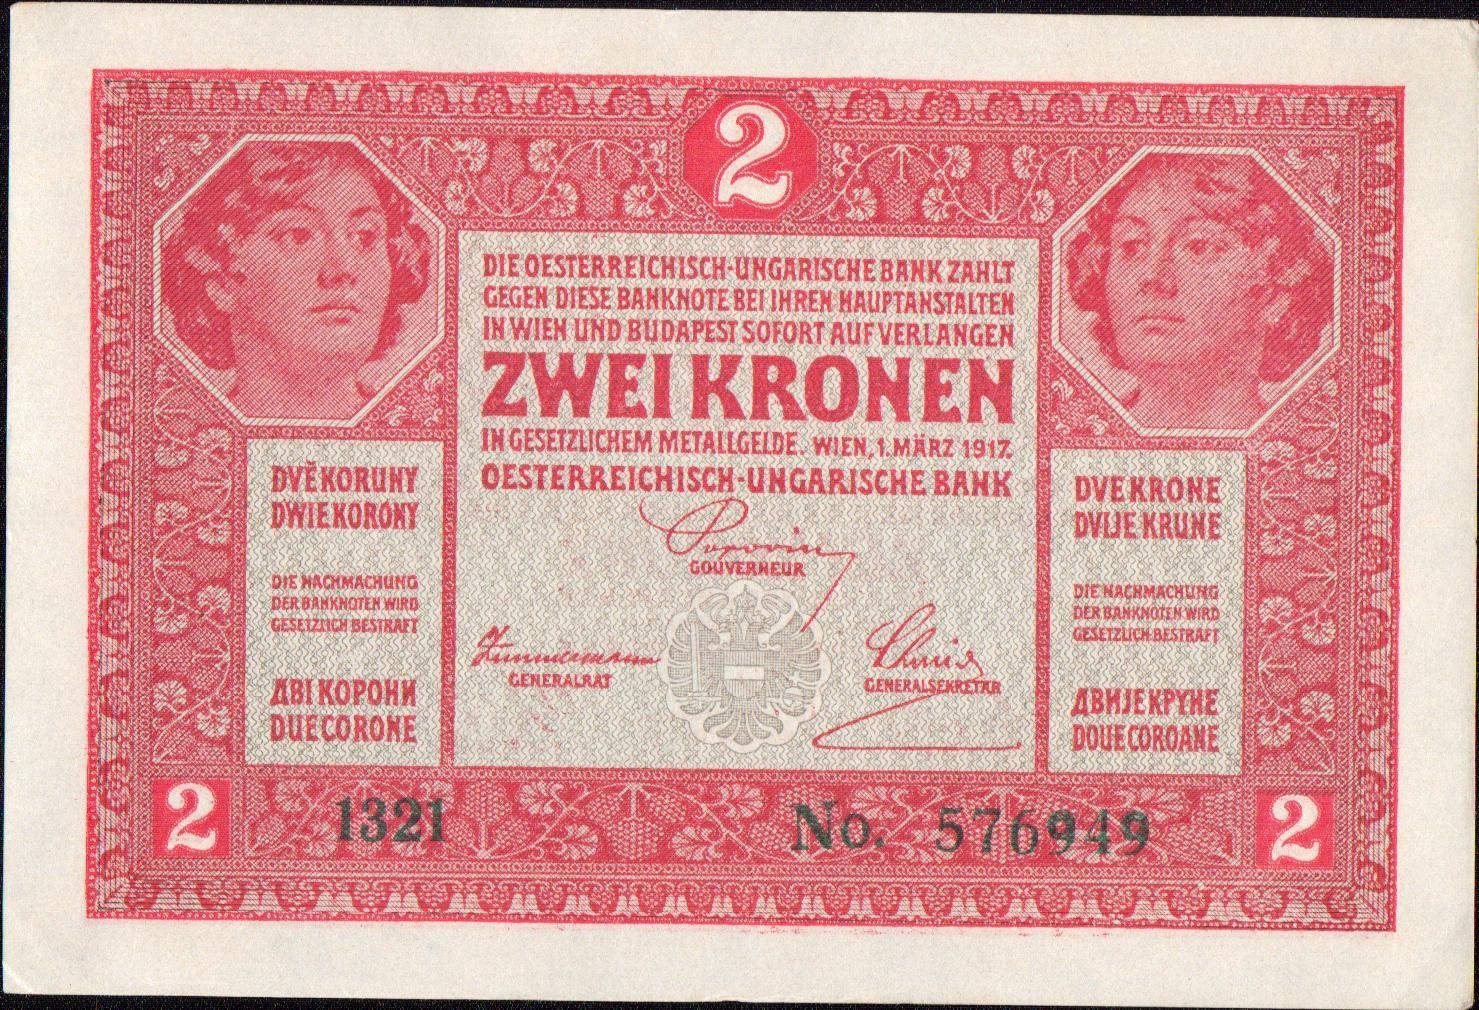 2K/1917/, stav 0, série 1321